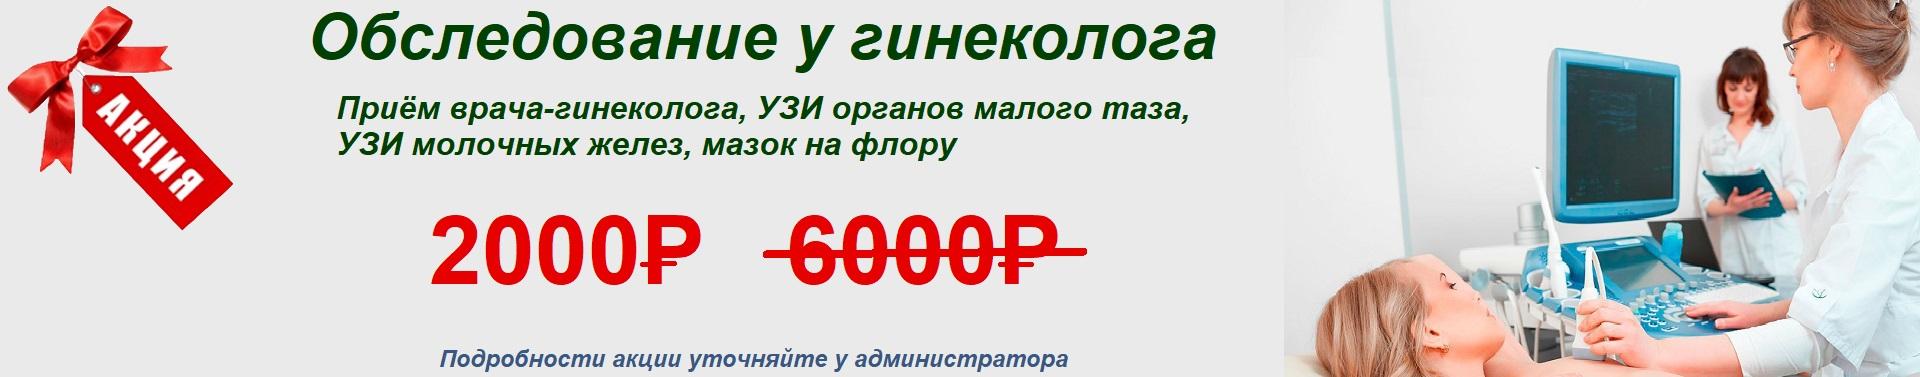 ginek377